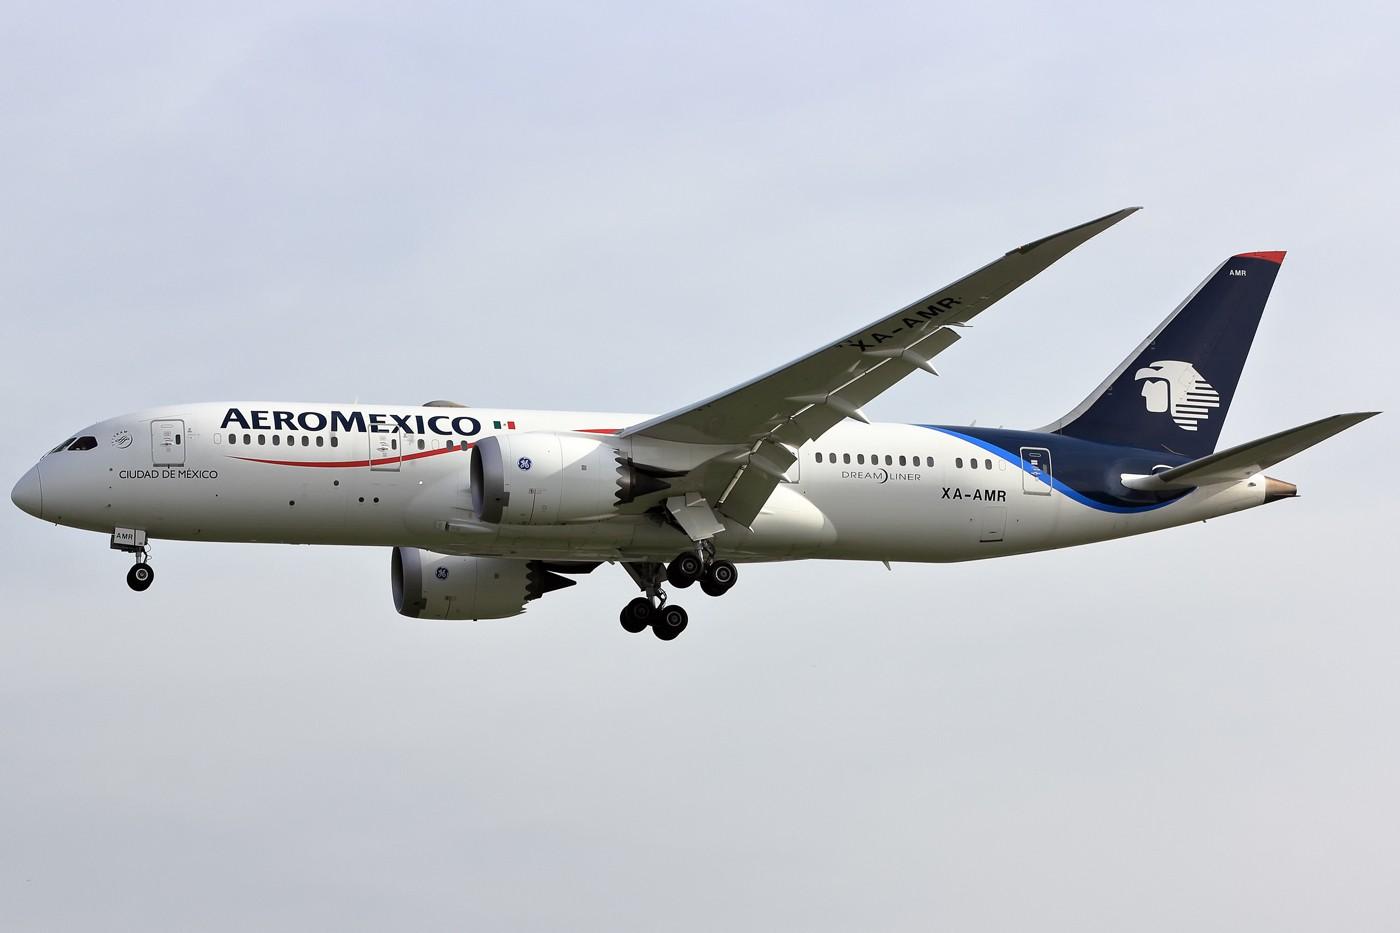 Re:[原创]那家的787好看 BOEING 787-8 XA-AMR 荷兰阿姆斯特丹史基浦机场